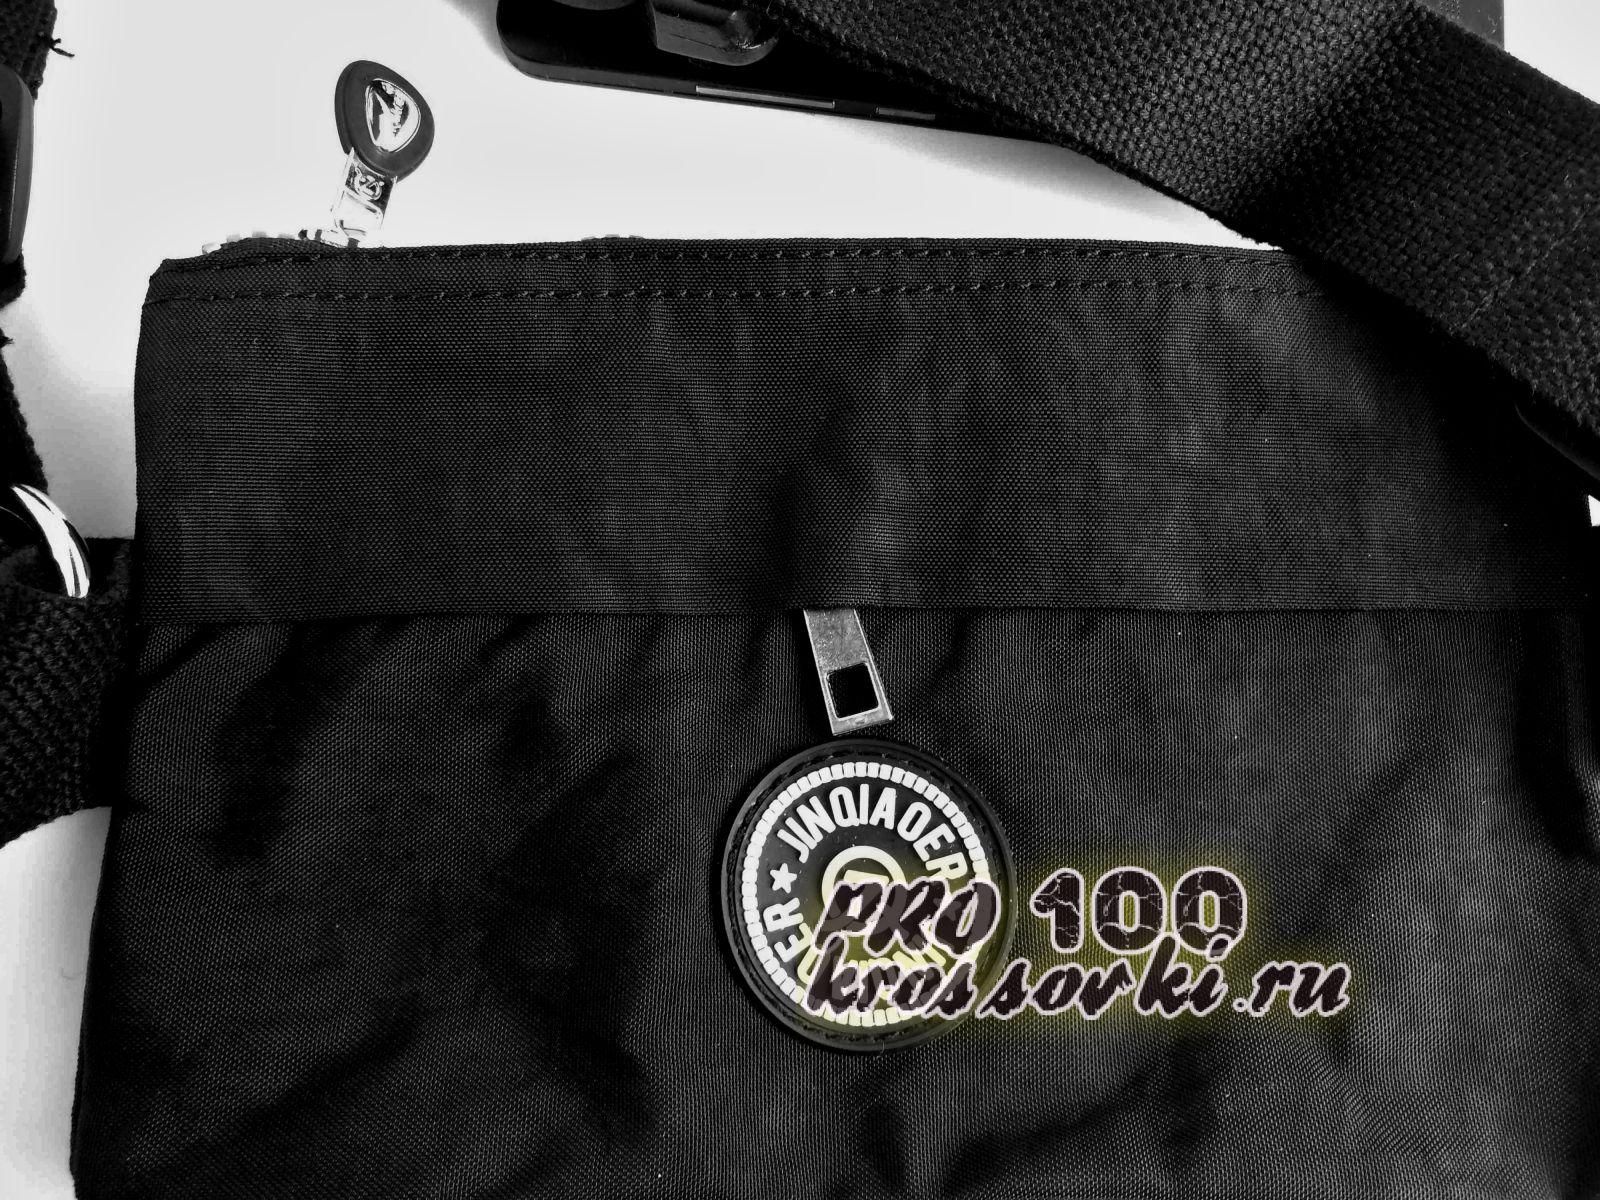 Поясная сумка среднего размера